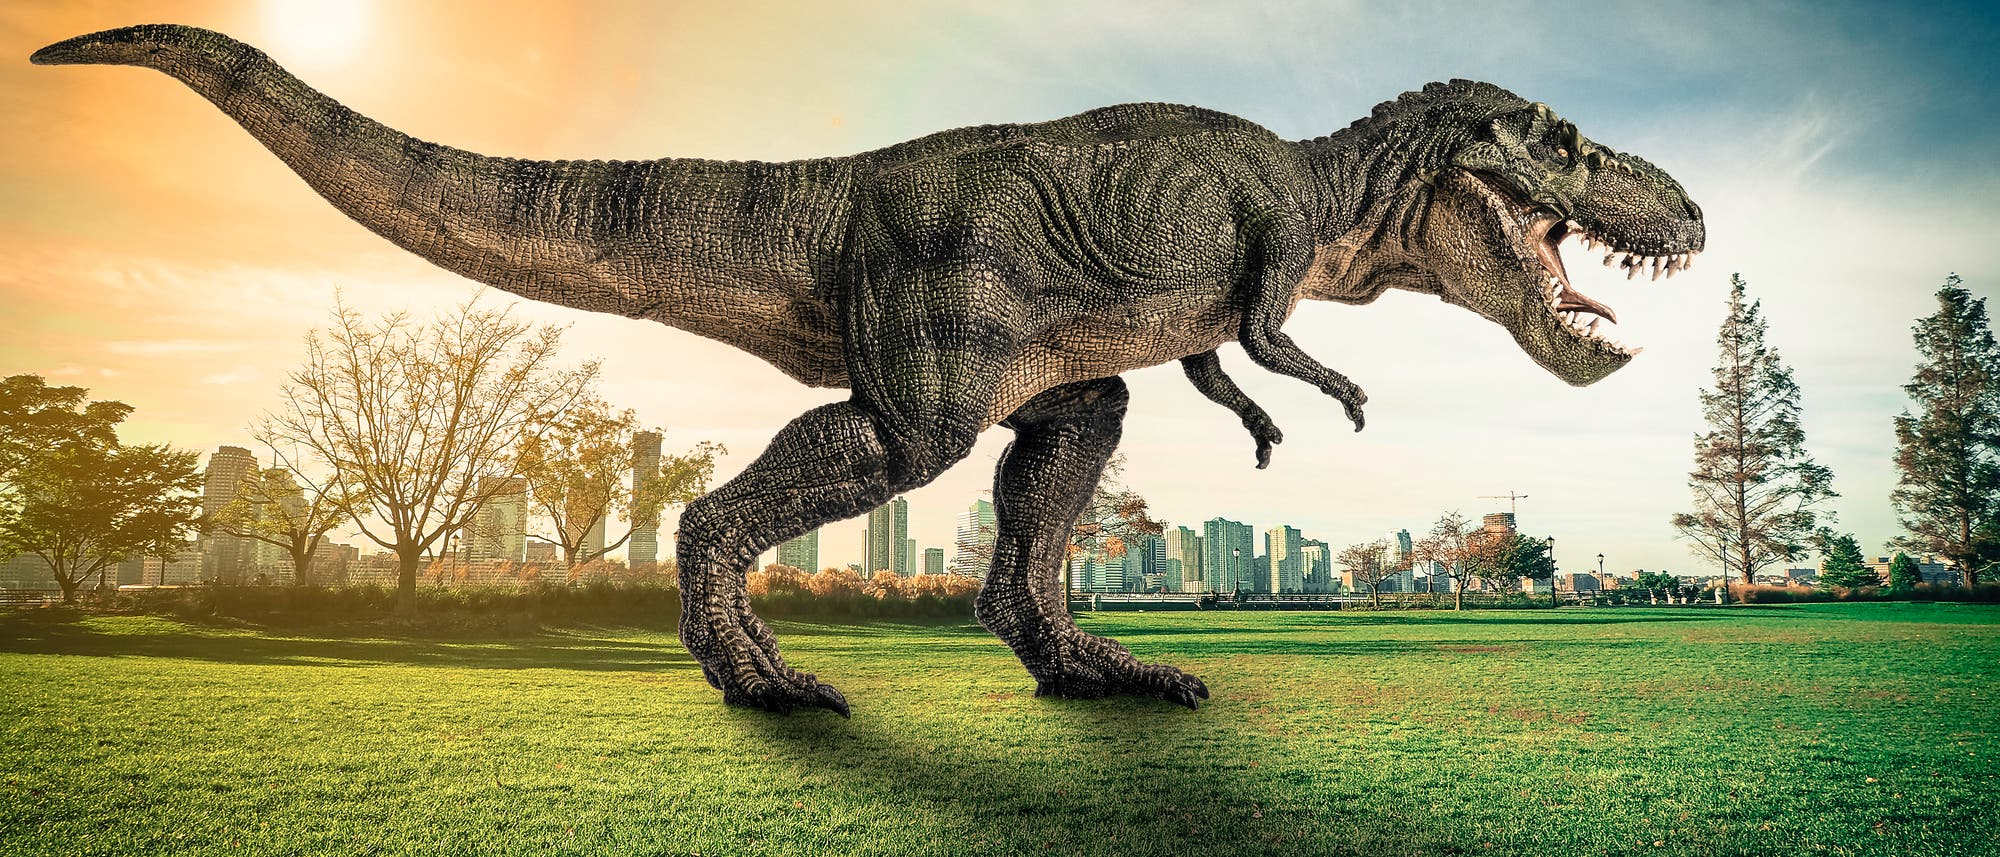 Modell eines T. rex im Park einer Großstadt